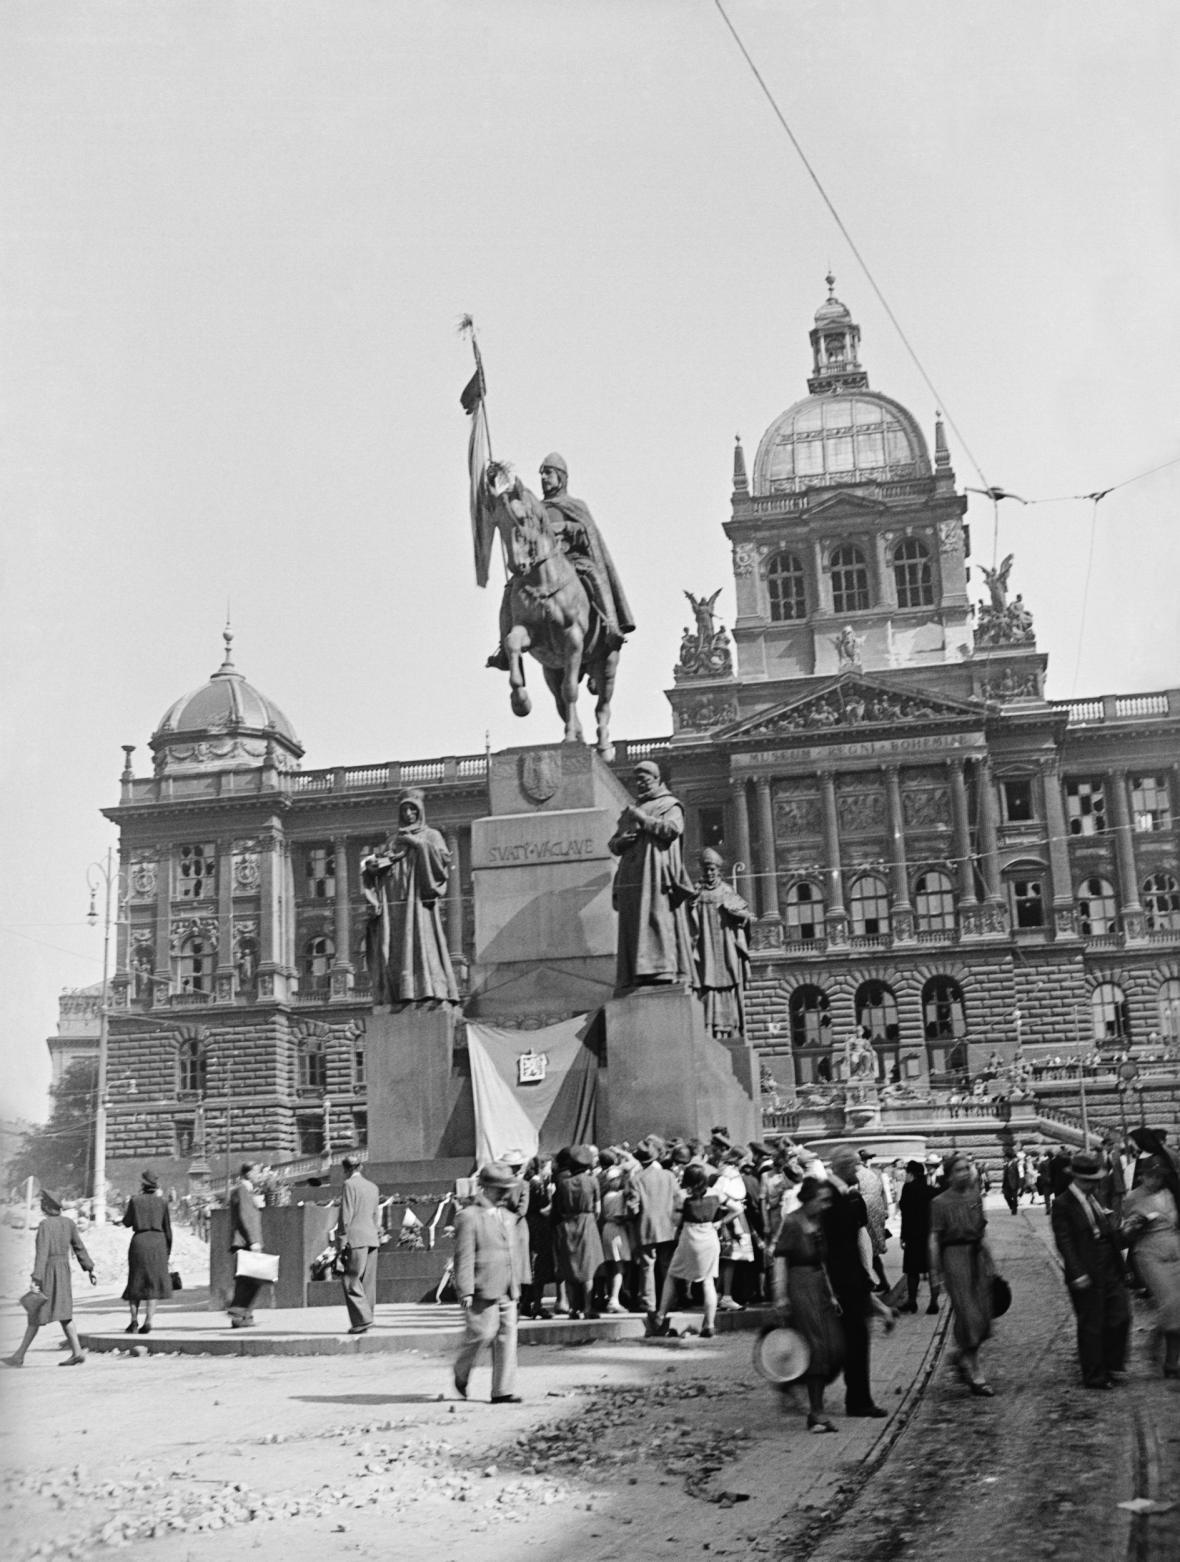 Socha sv. Václava před budovou Národního muzea